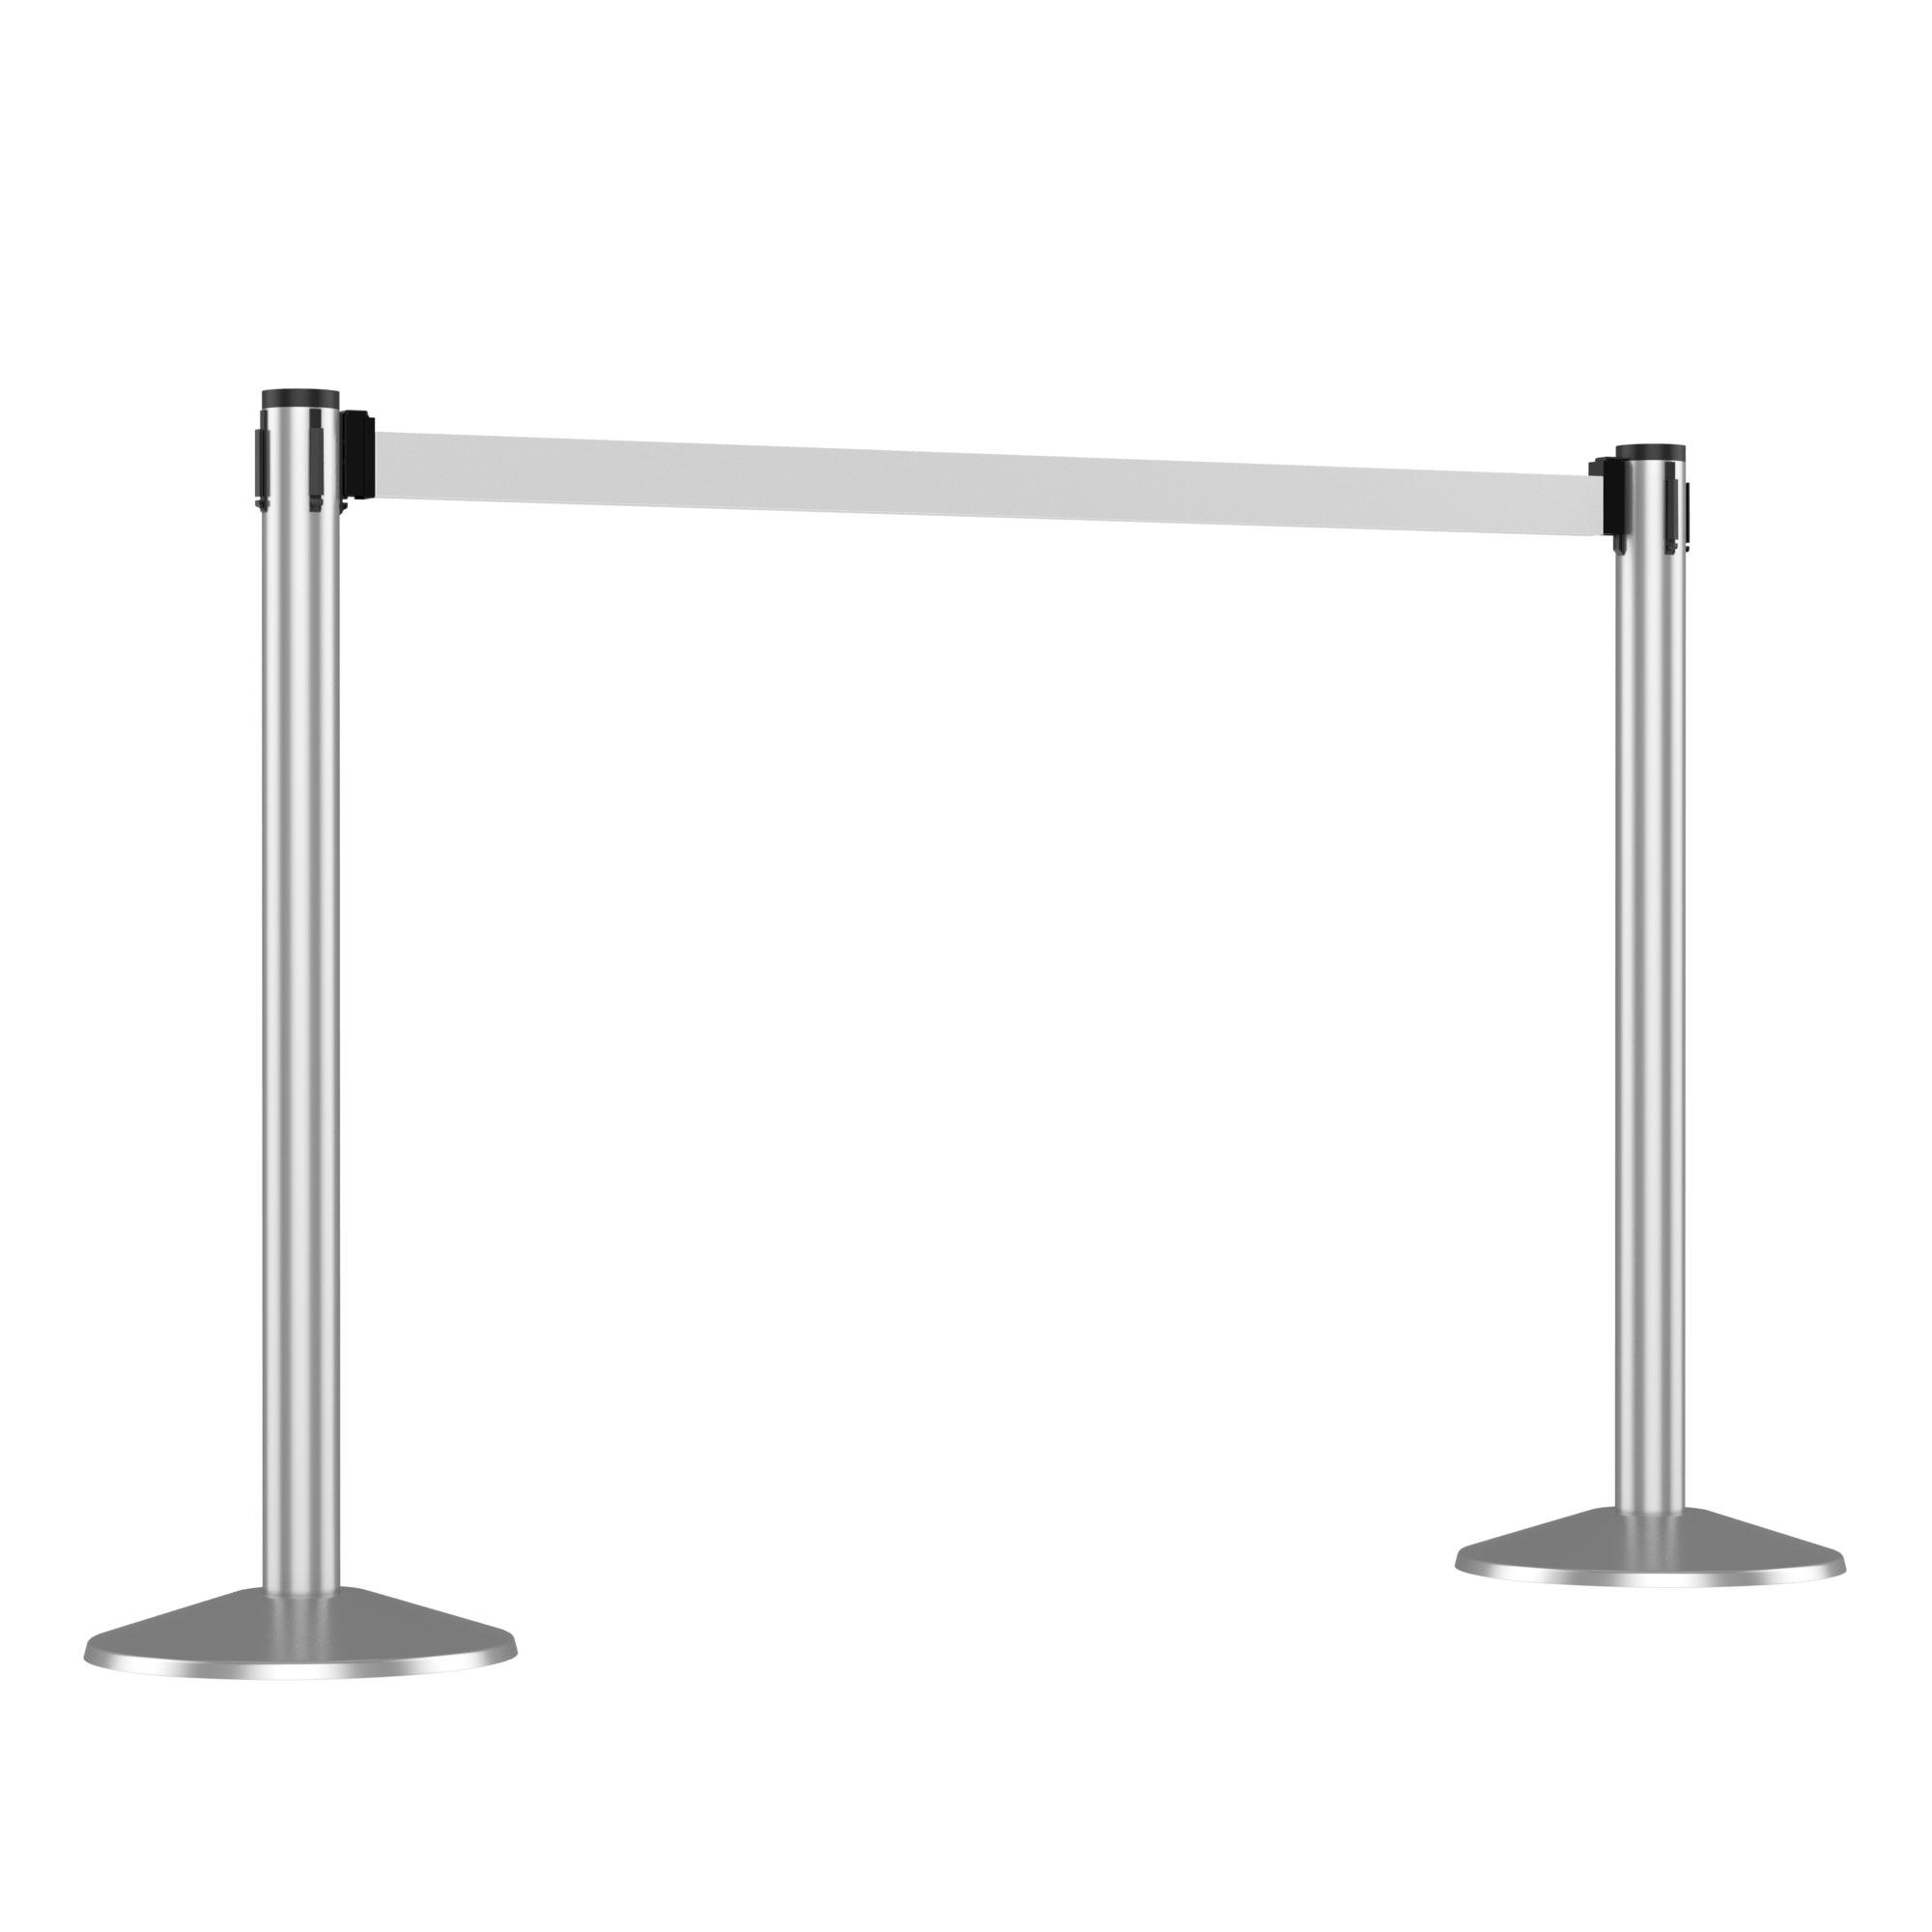 Q-Beam Rigid Crowd Control Barrier System